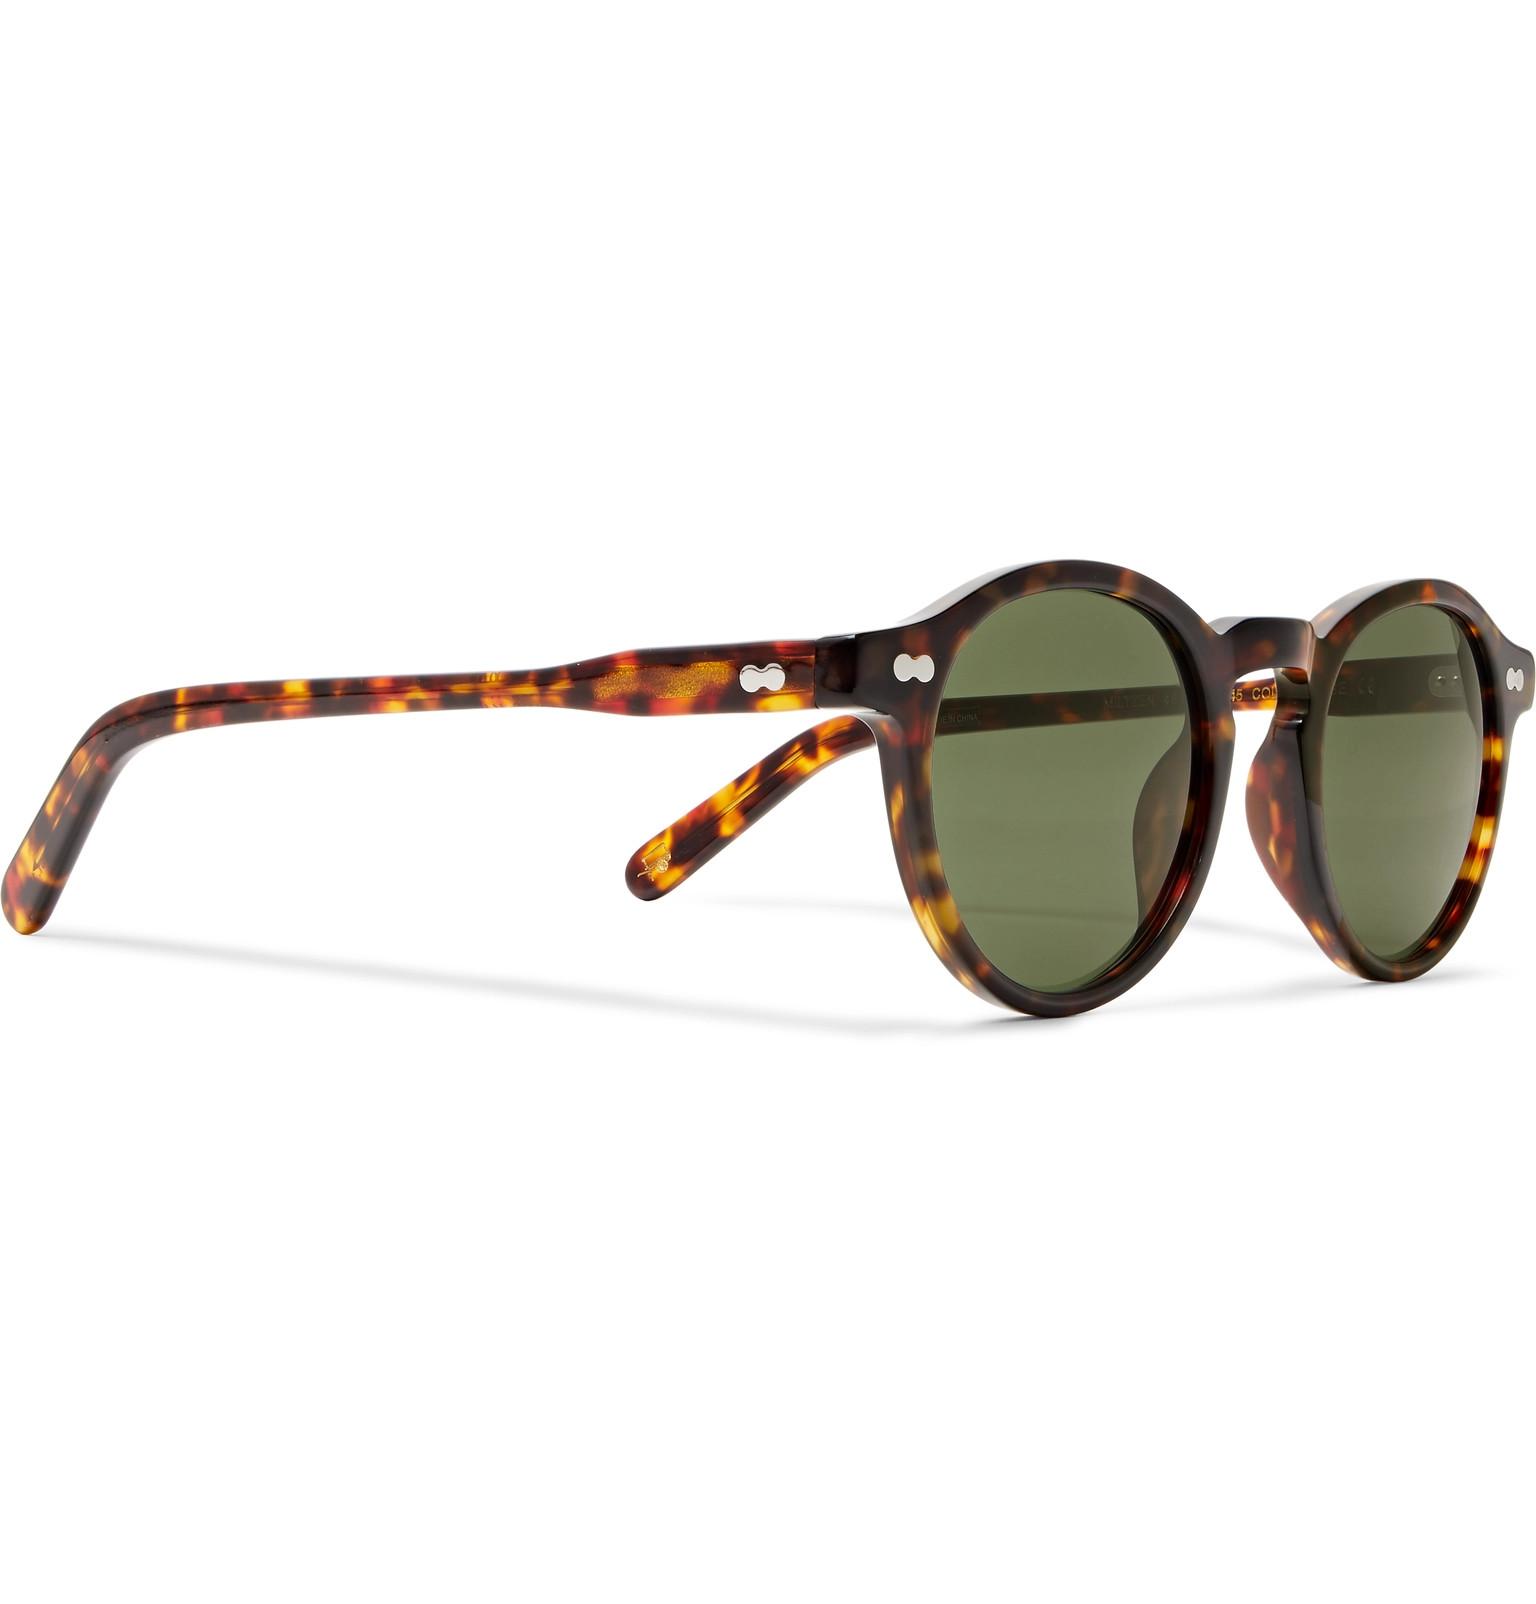 819f536239d9c Moscot - Miltzen Round-Frame Tortoiseshell Acetate Sunglasses